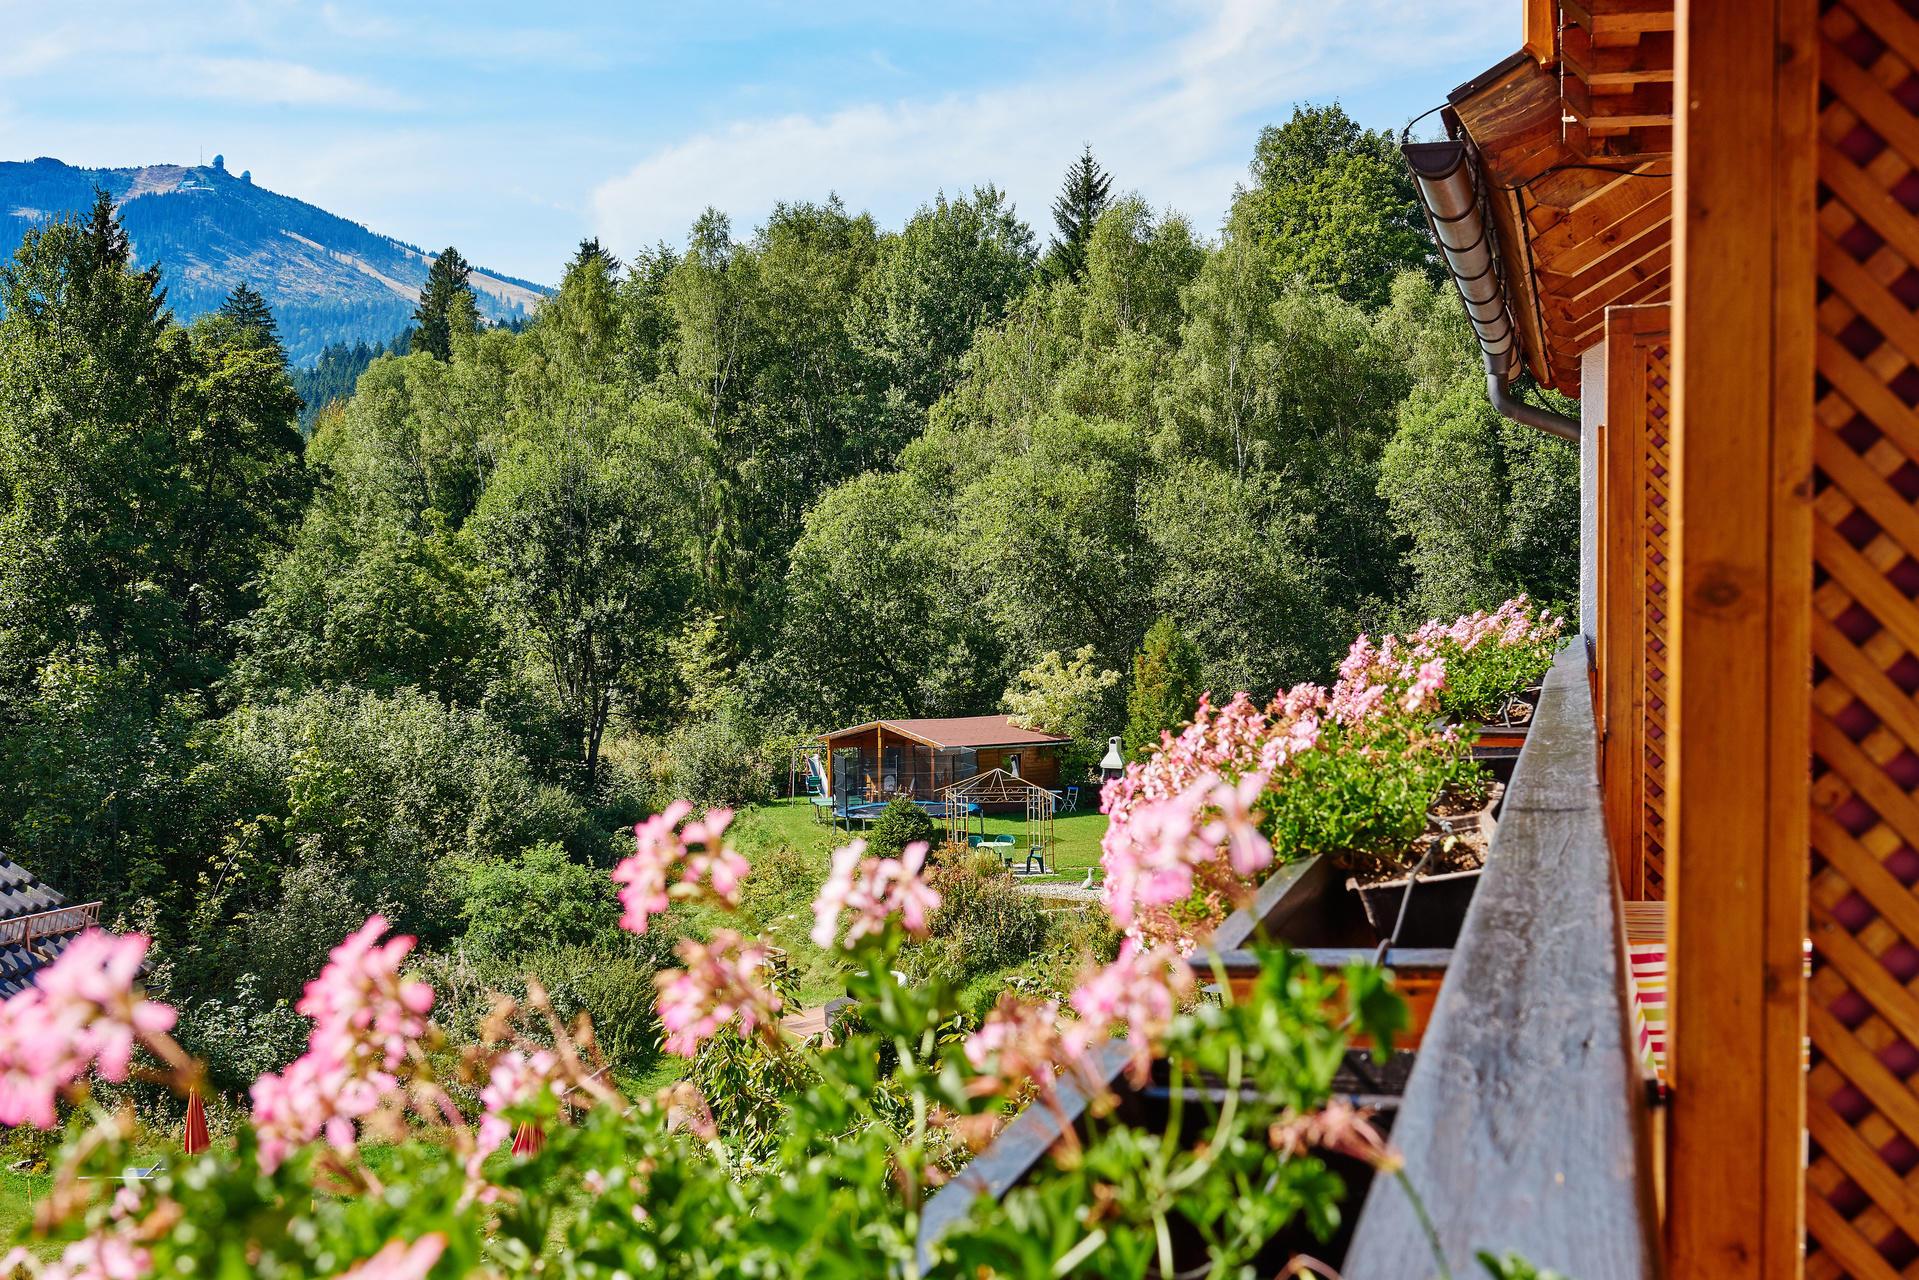 Hotels Arber Wellnesshotels Bayerischer Wald Grosser Arber Wellness